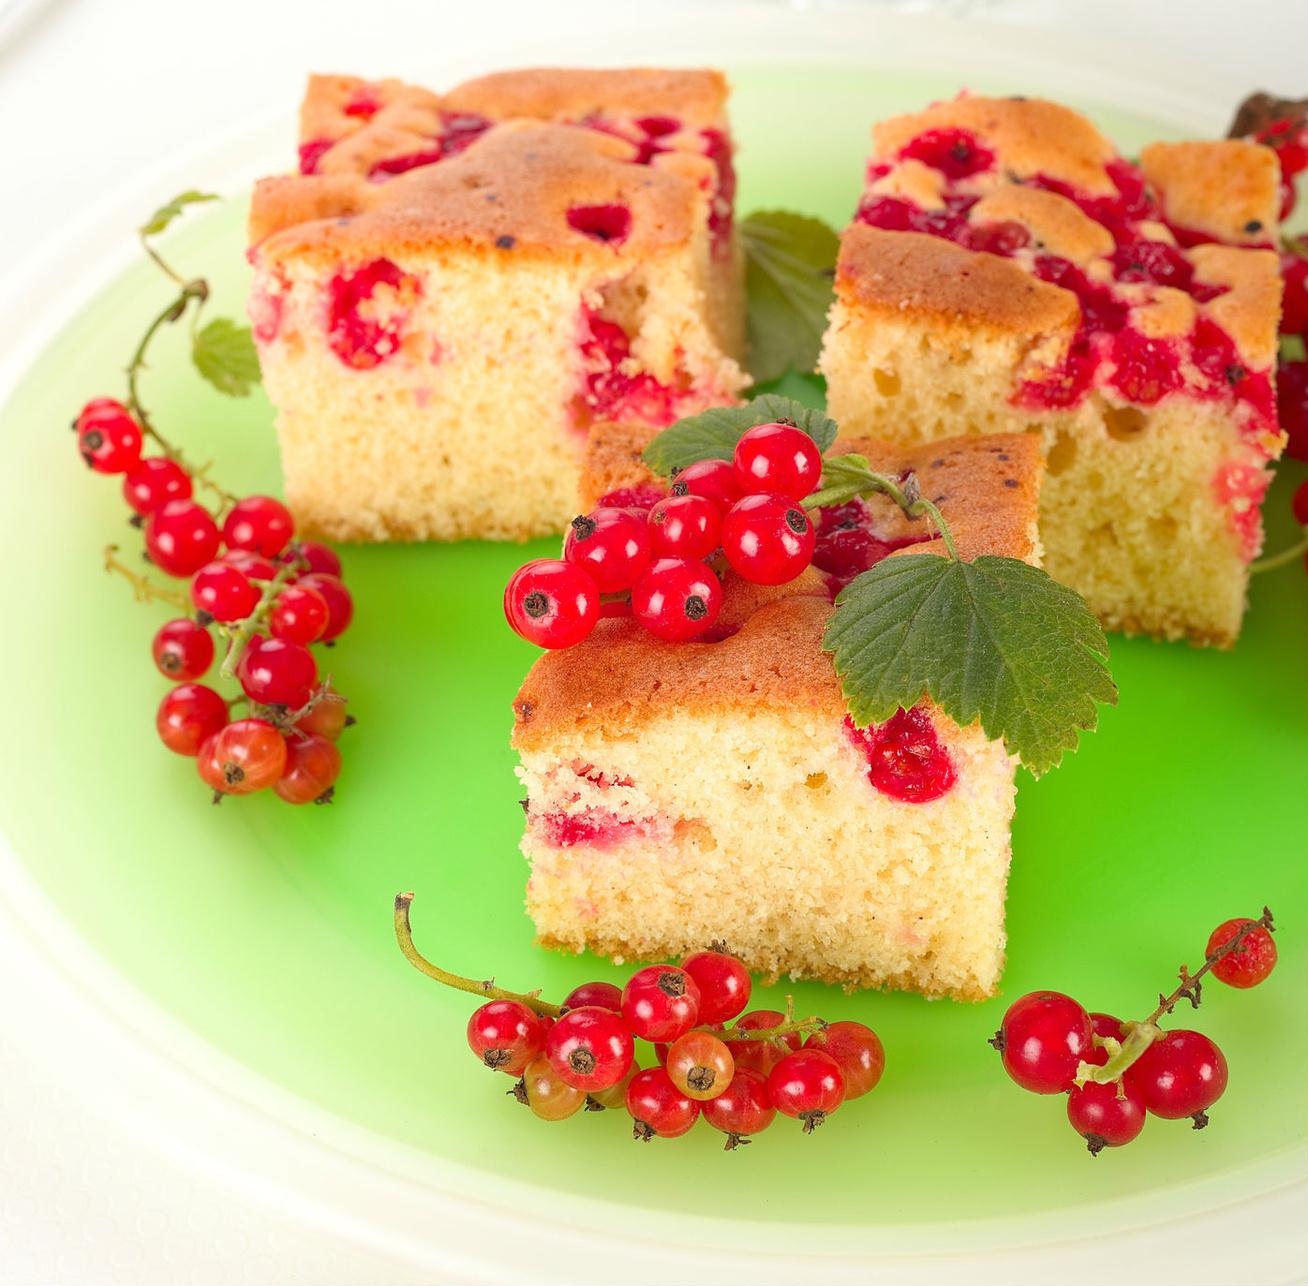 Joghurtos, ribizlis kevert süti: egyszerűen összeállítható, abbahagyhatatlan finomság